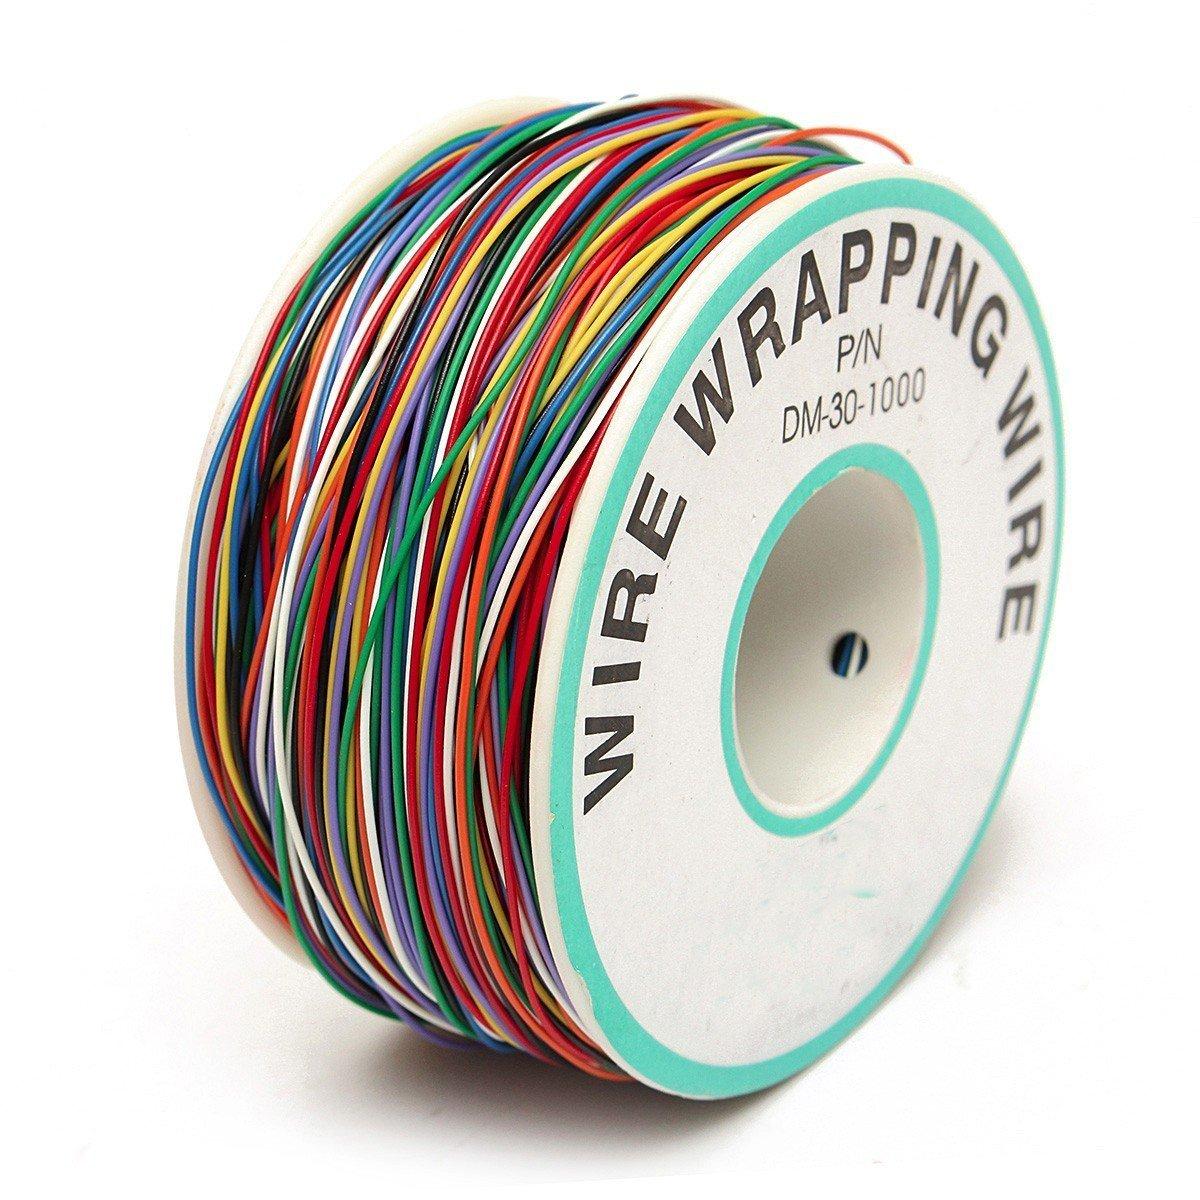 ELEGIANT Wrapping Test, câble de Test Wrapping Fil de cuivre Fil bobiné Enrouleur de câble Rouleau de p/n B 30–1000200M 30AWG 8Wire Câble de Couleur